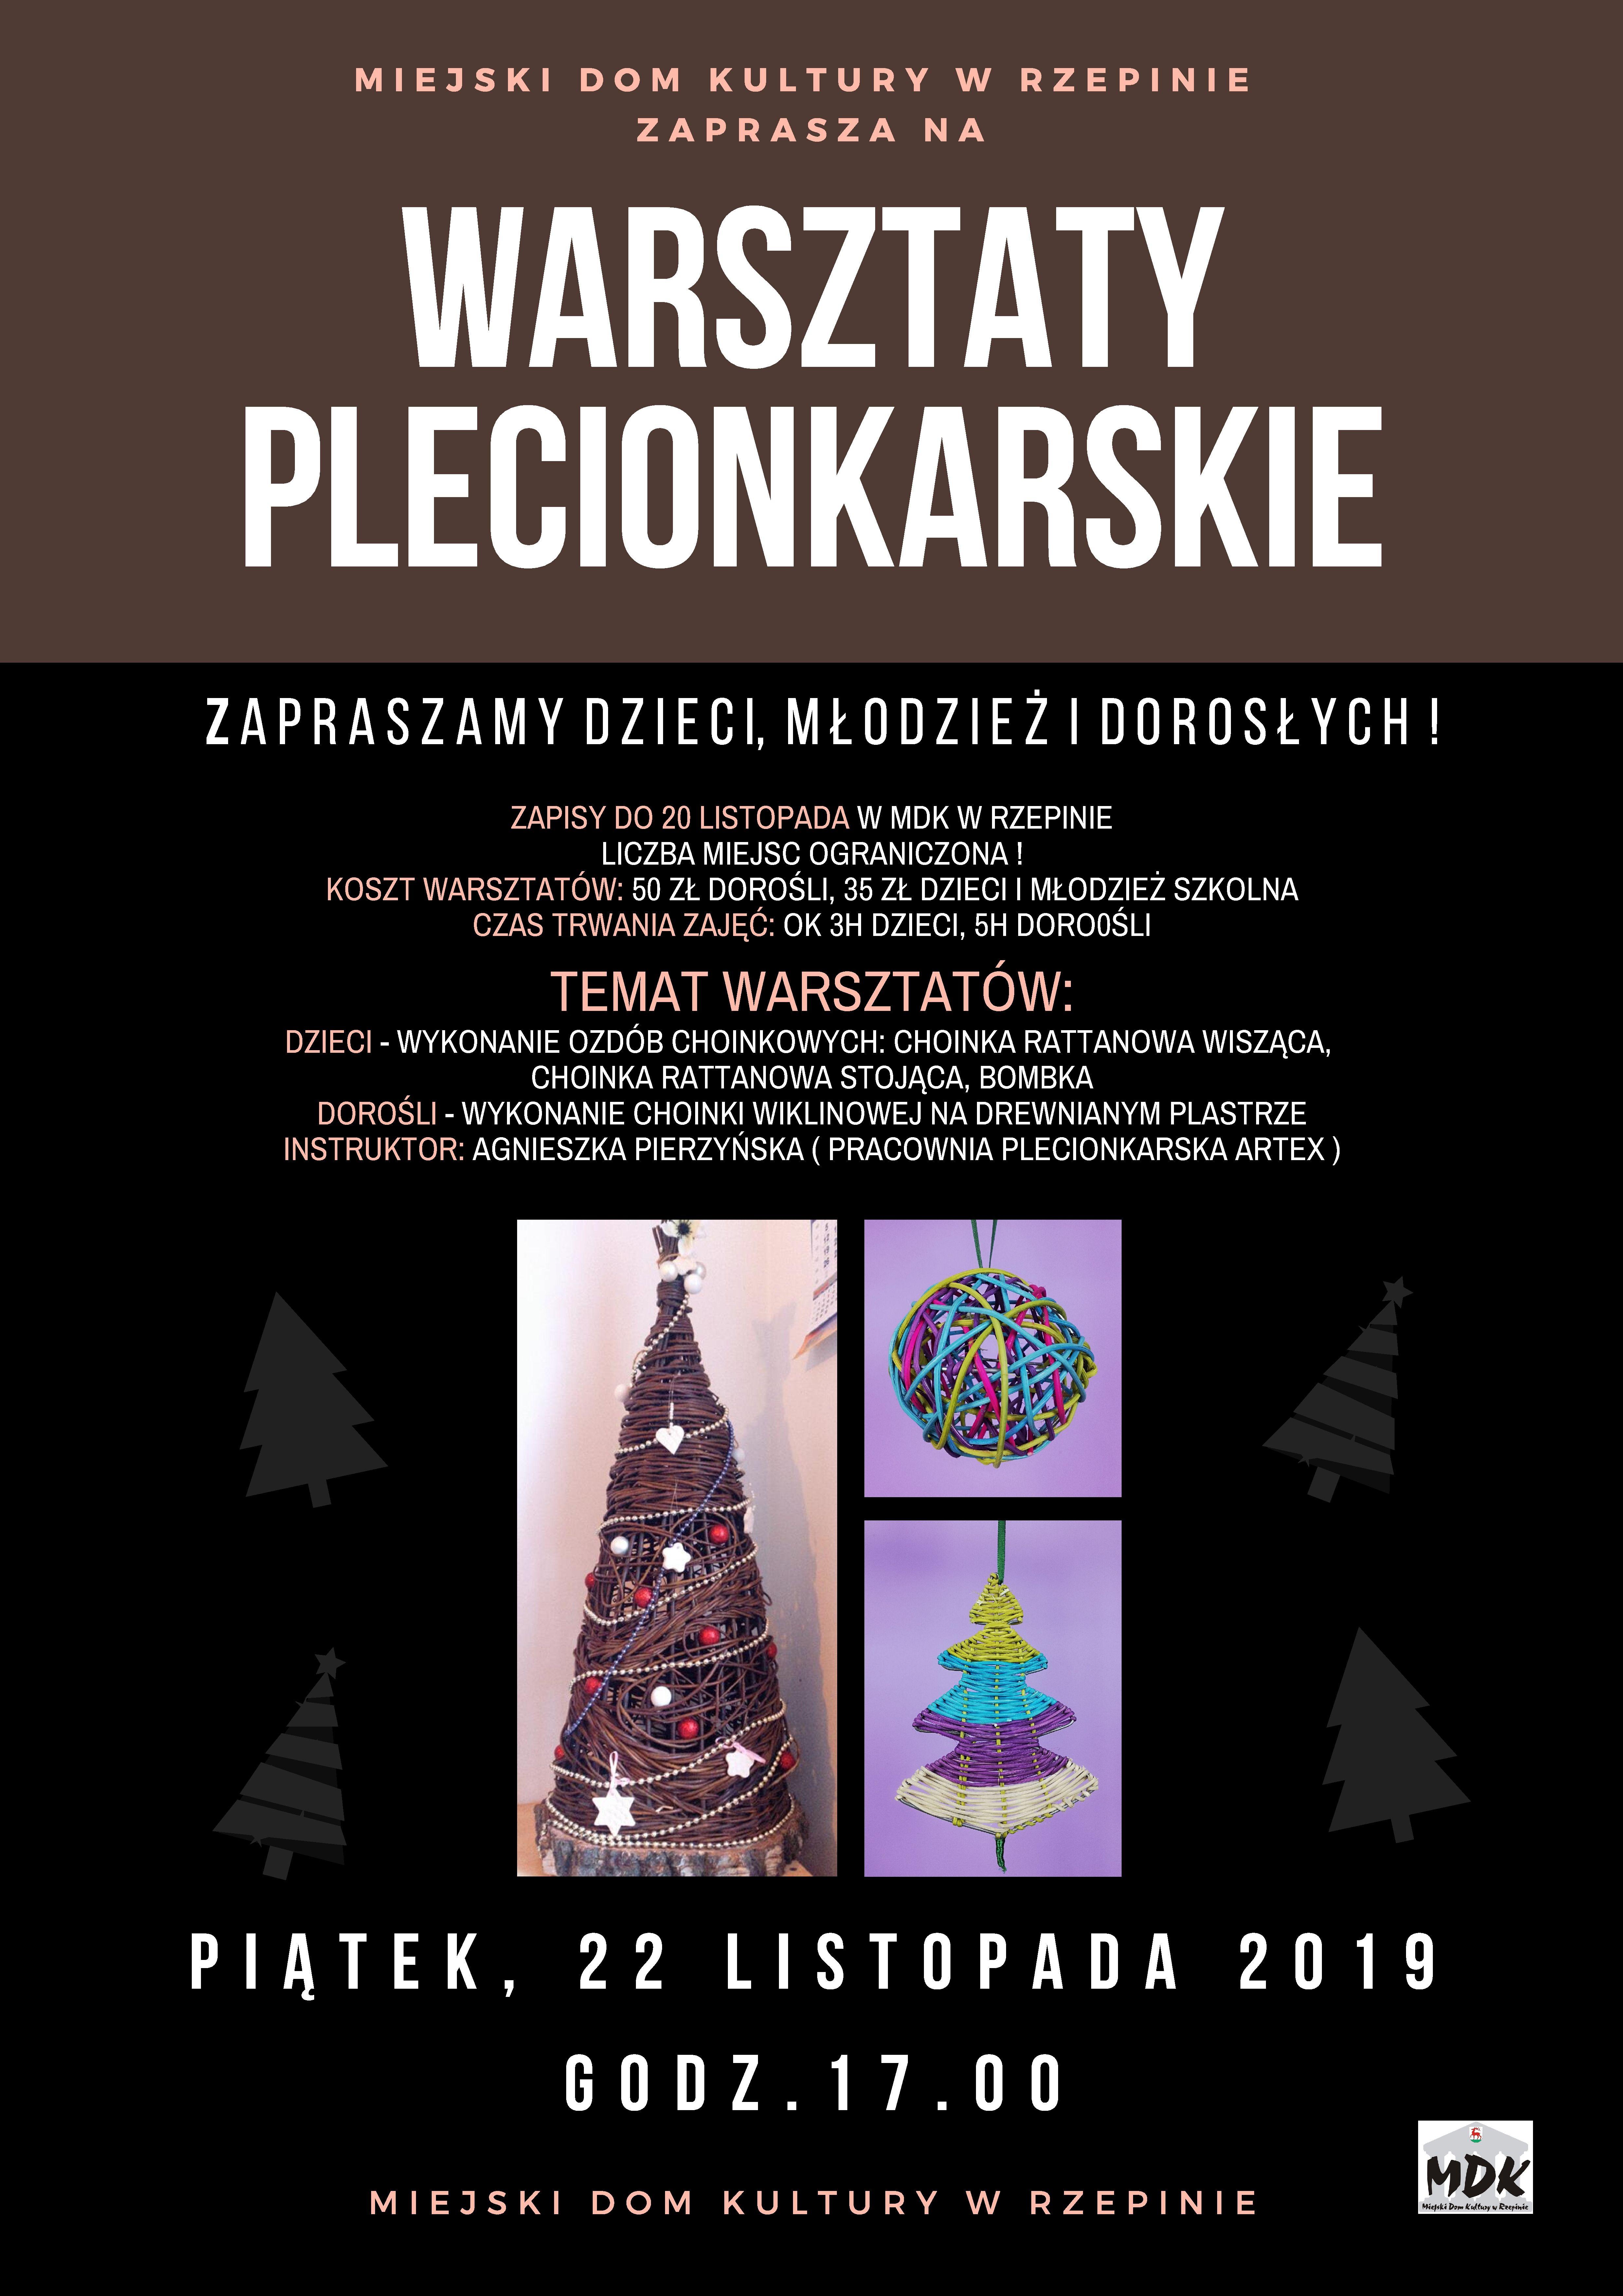 Ilustracja do informacji: Zapraszamy do MDK w Rzepinie na świąteczne warsztaty plecionkarskie!